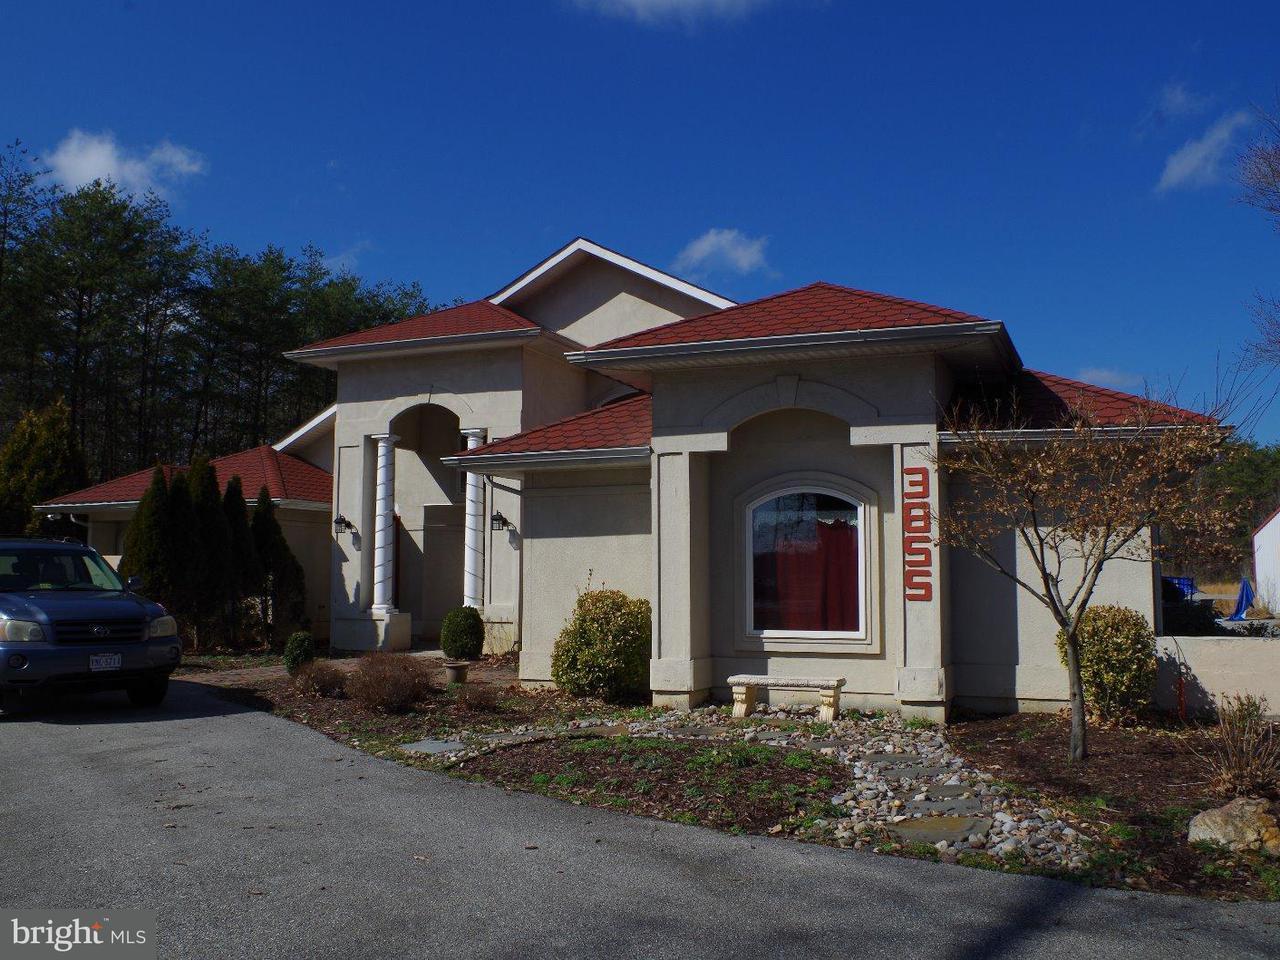 Μονοκατοικία για την Πώληση στο 3855 Livingston Road 3855 Livingston Road Indian Head, Μεριλαντ 20640 Ηνωμενεσ Πολιτειεσ